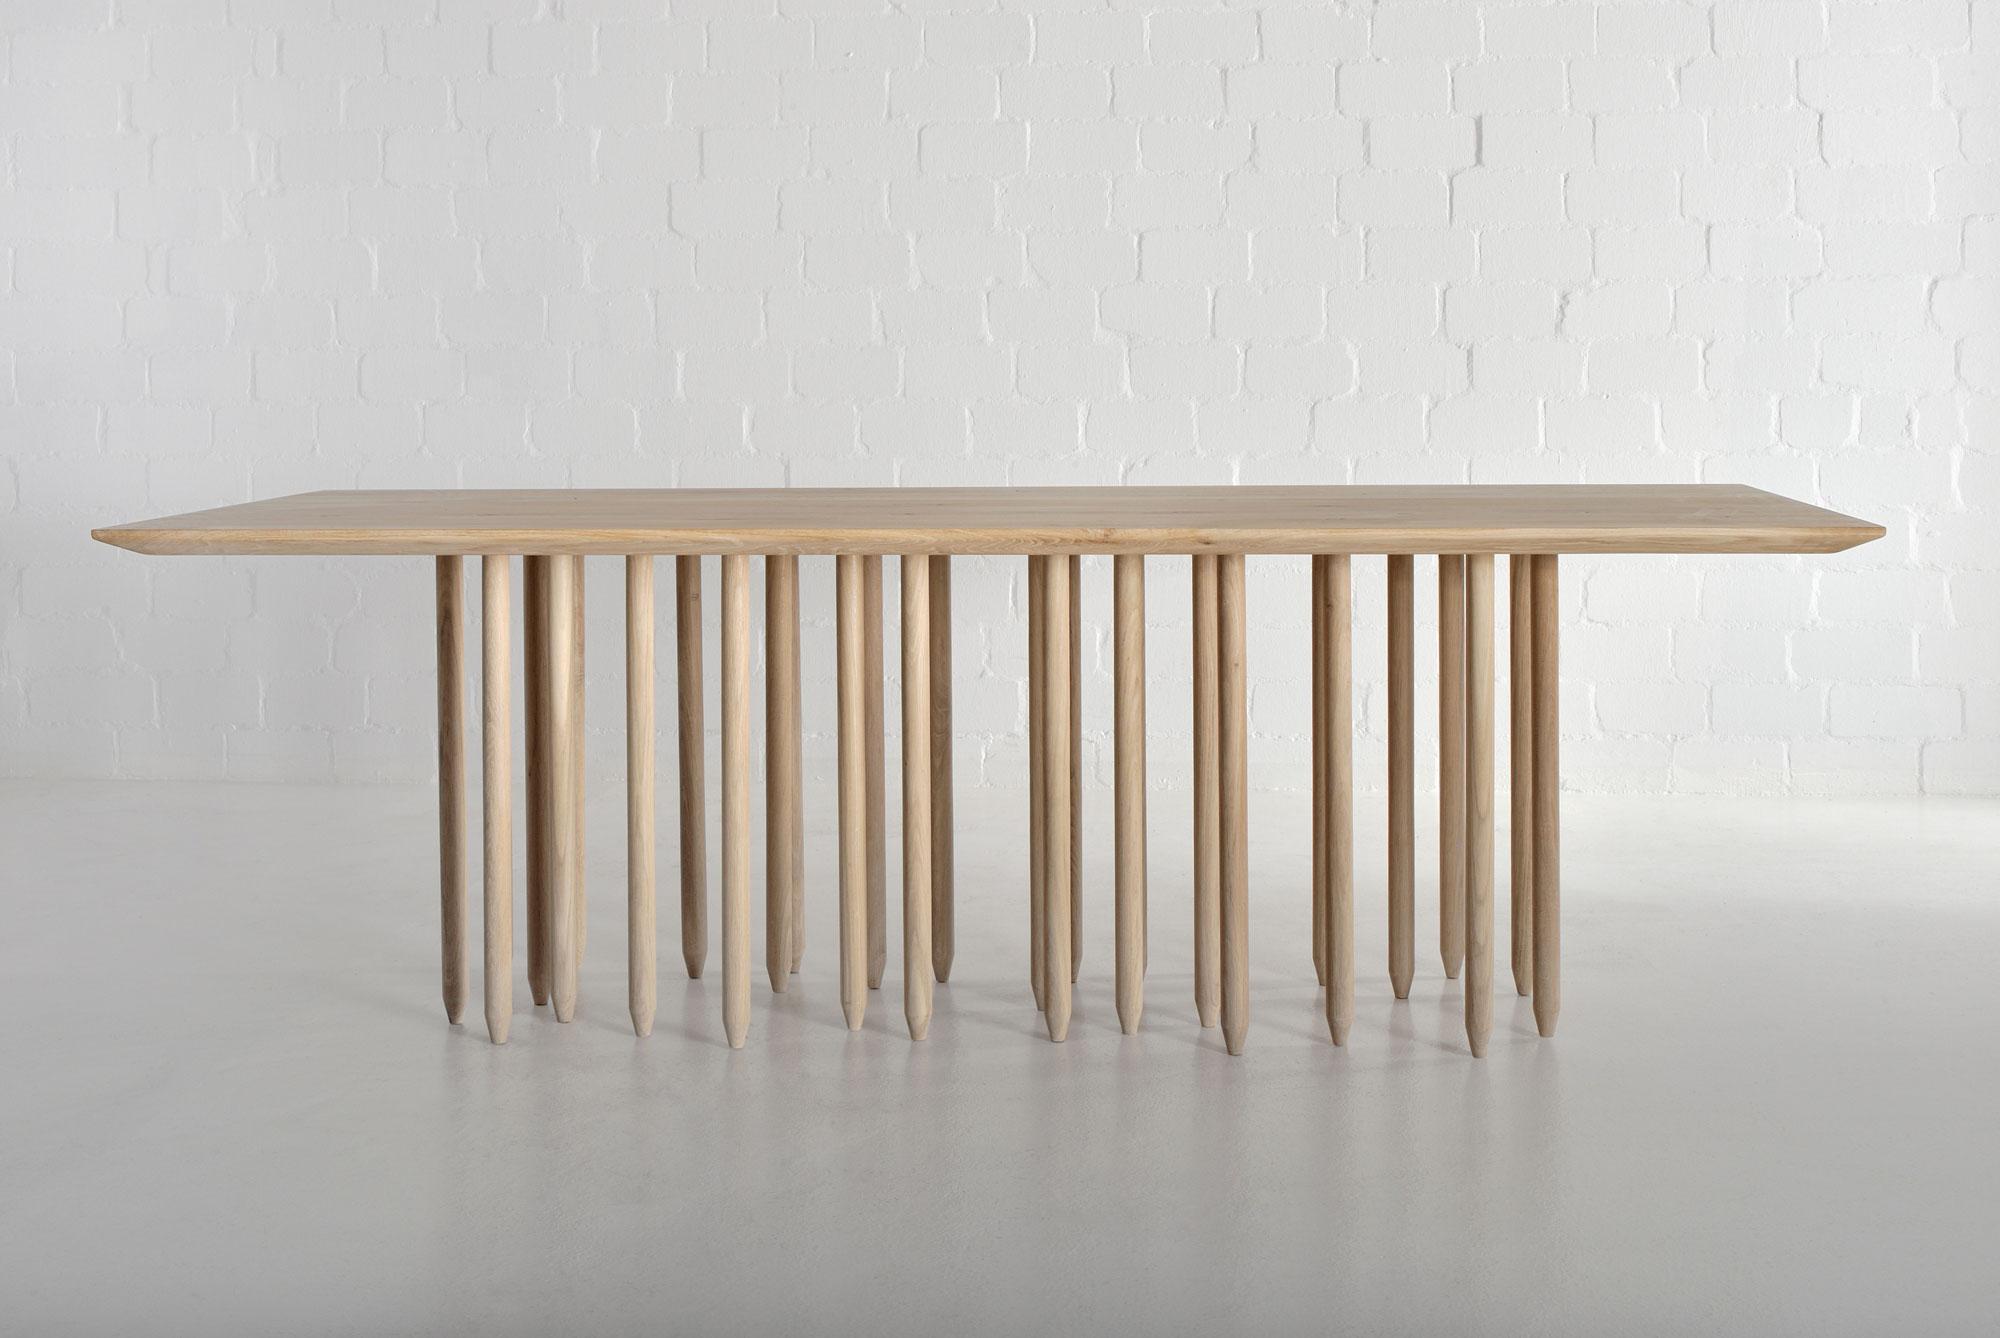 Designer massivholztisch stilus vitamin design for Massivholztisch design